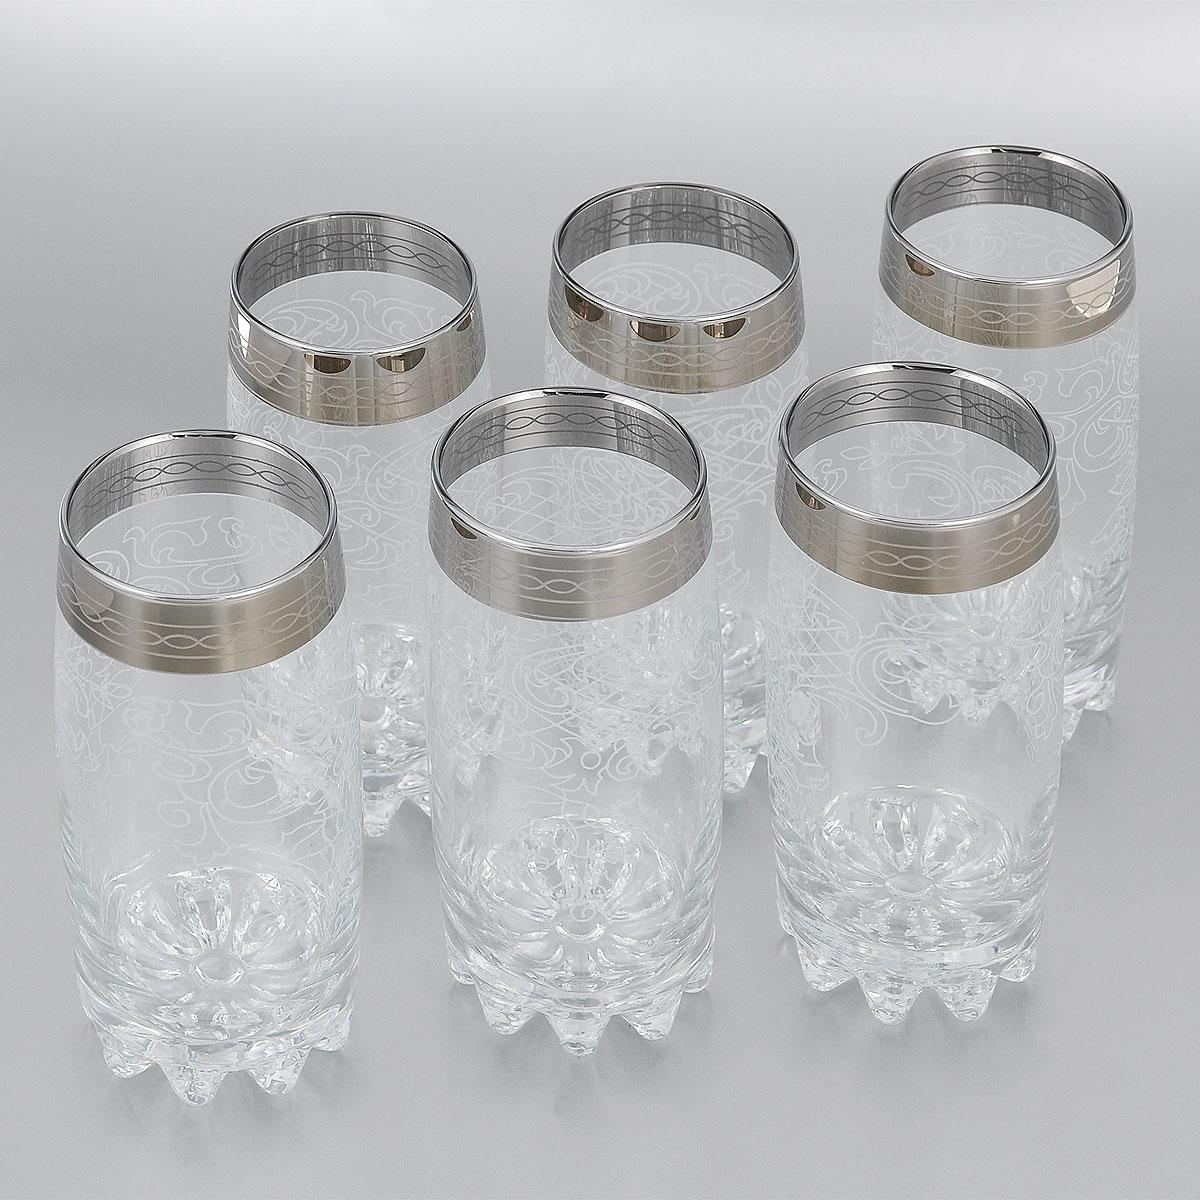 Набор стаканов для коктейля Гусь-Хрустальный Люция, 390 мл, 6 шт812/03Набор стаканов для коктейлей Гусь-Хрустальный Люция изготовлен из натрий-кальций-силикатного стекла. Набор состоит из 6 стаканов, выполненных в элегантном дизайне. Такие стаканы украсят любой праздничный стол. Набор стаканов для коктейлей может стать отличным подарком к любому празднику. Можно мыть в посудомоечной машине. Диаметр стакана по верхнему краю: 6 см. Высота стакана: 14,7 см.